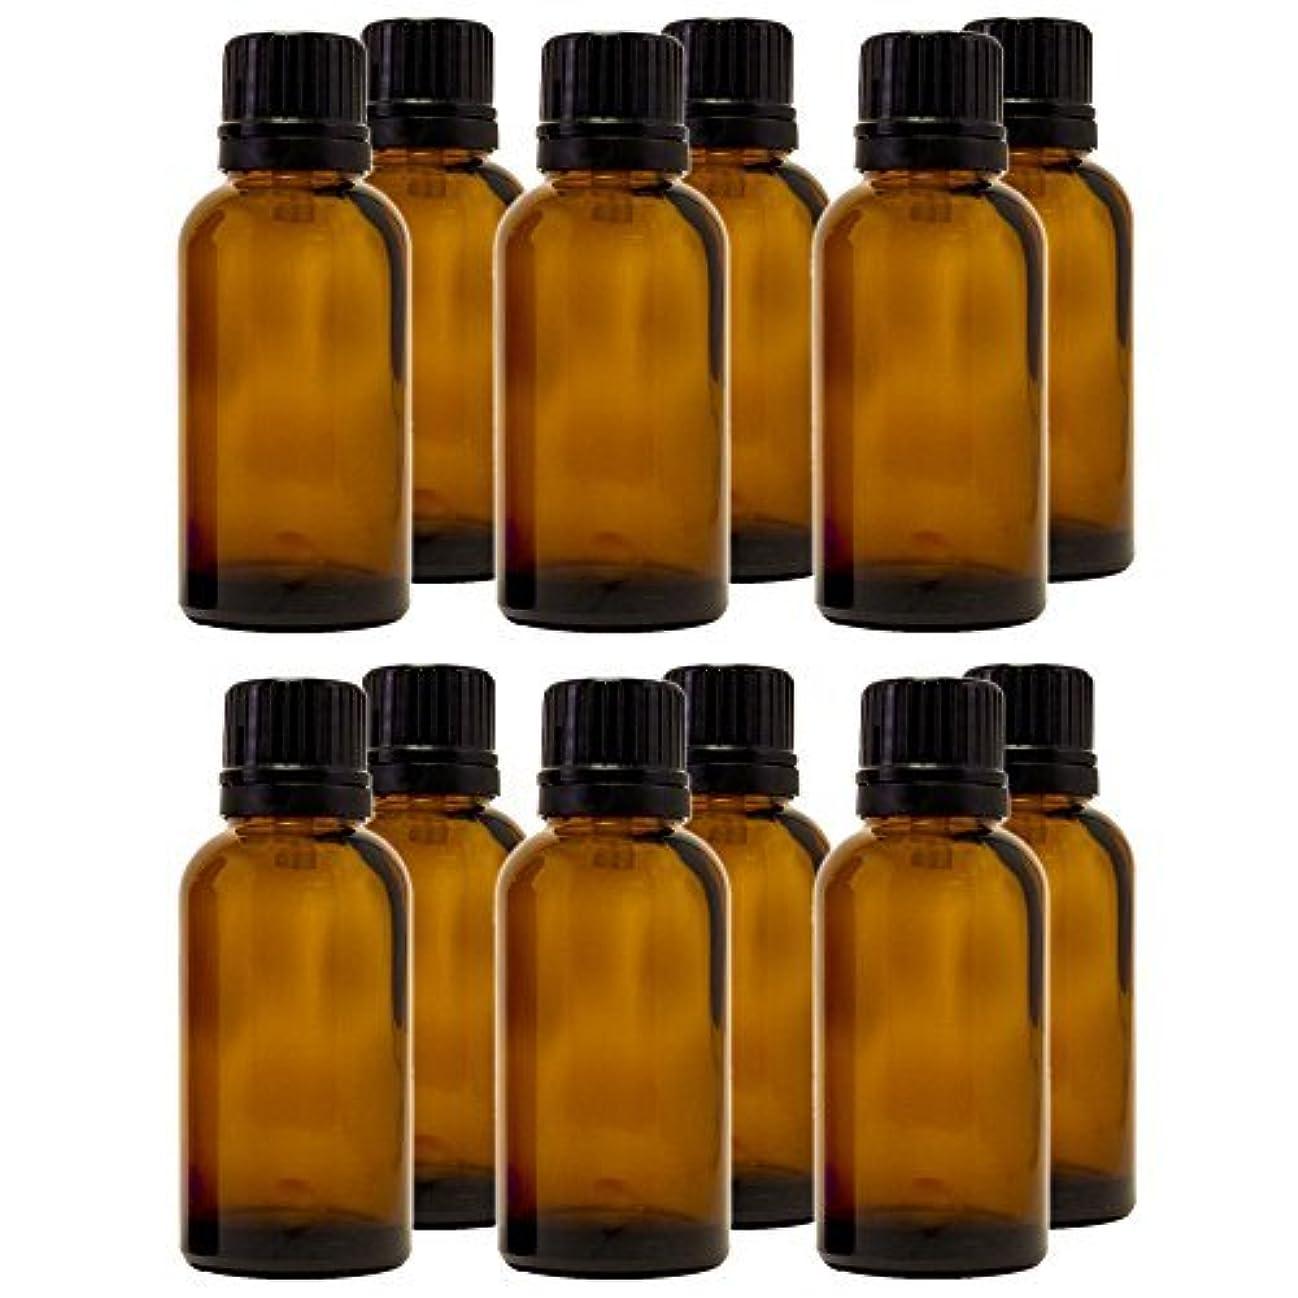 メンテナンス傑出した放送30 ml (1 fl oz) Amber Glass Bottle with Euro Dropper (12 Pack) [並行輸入品]